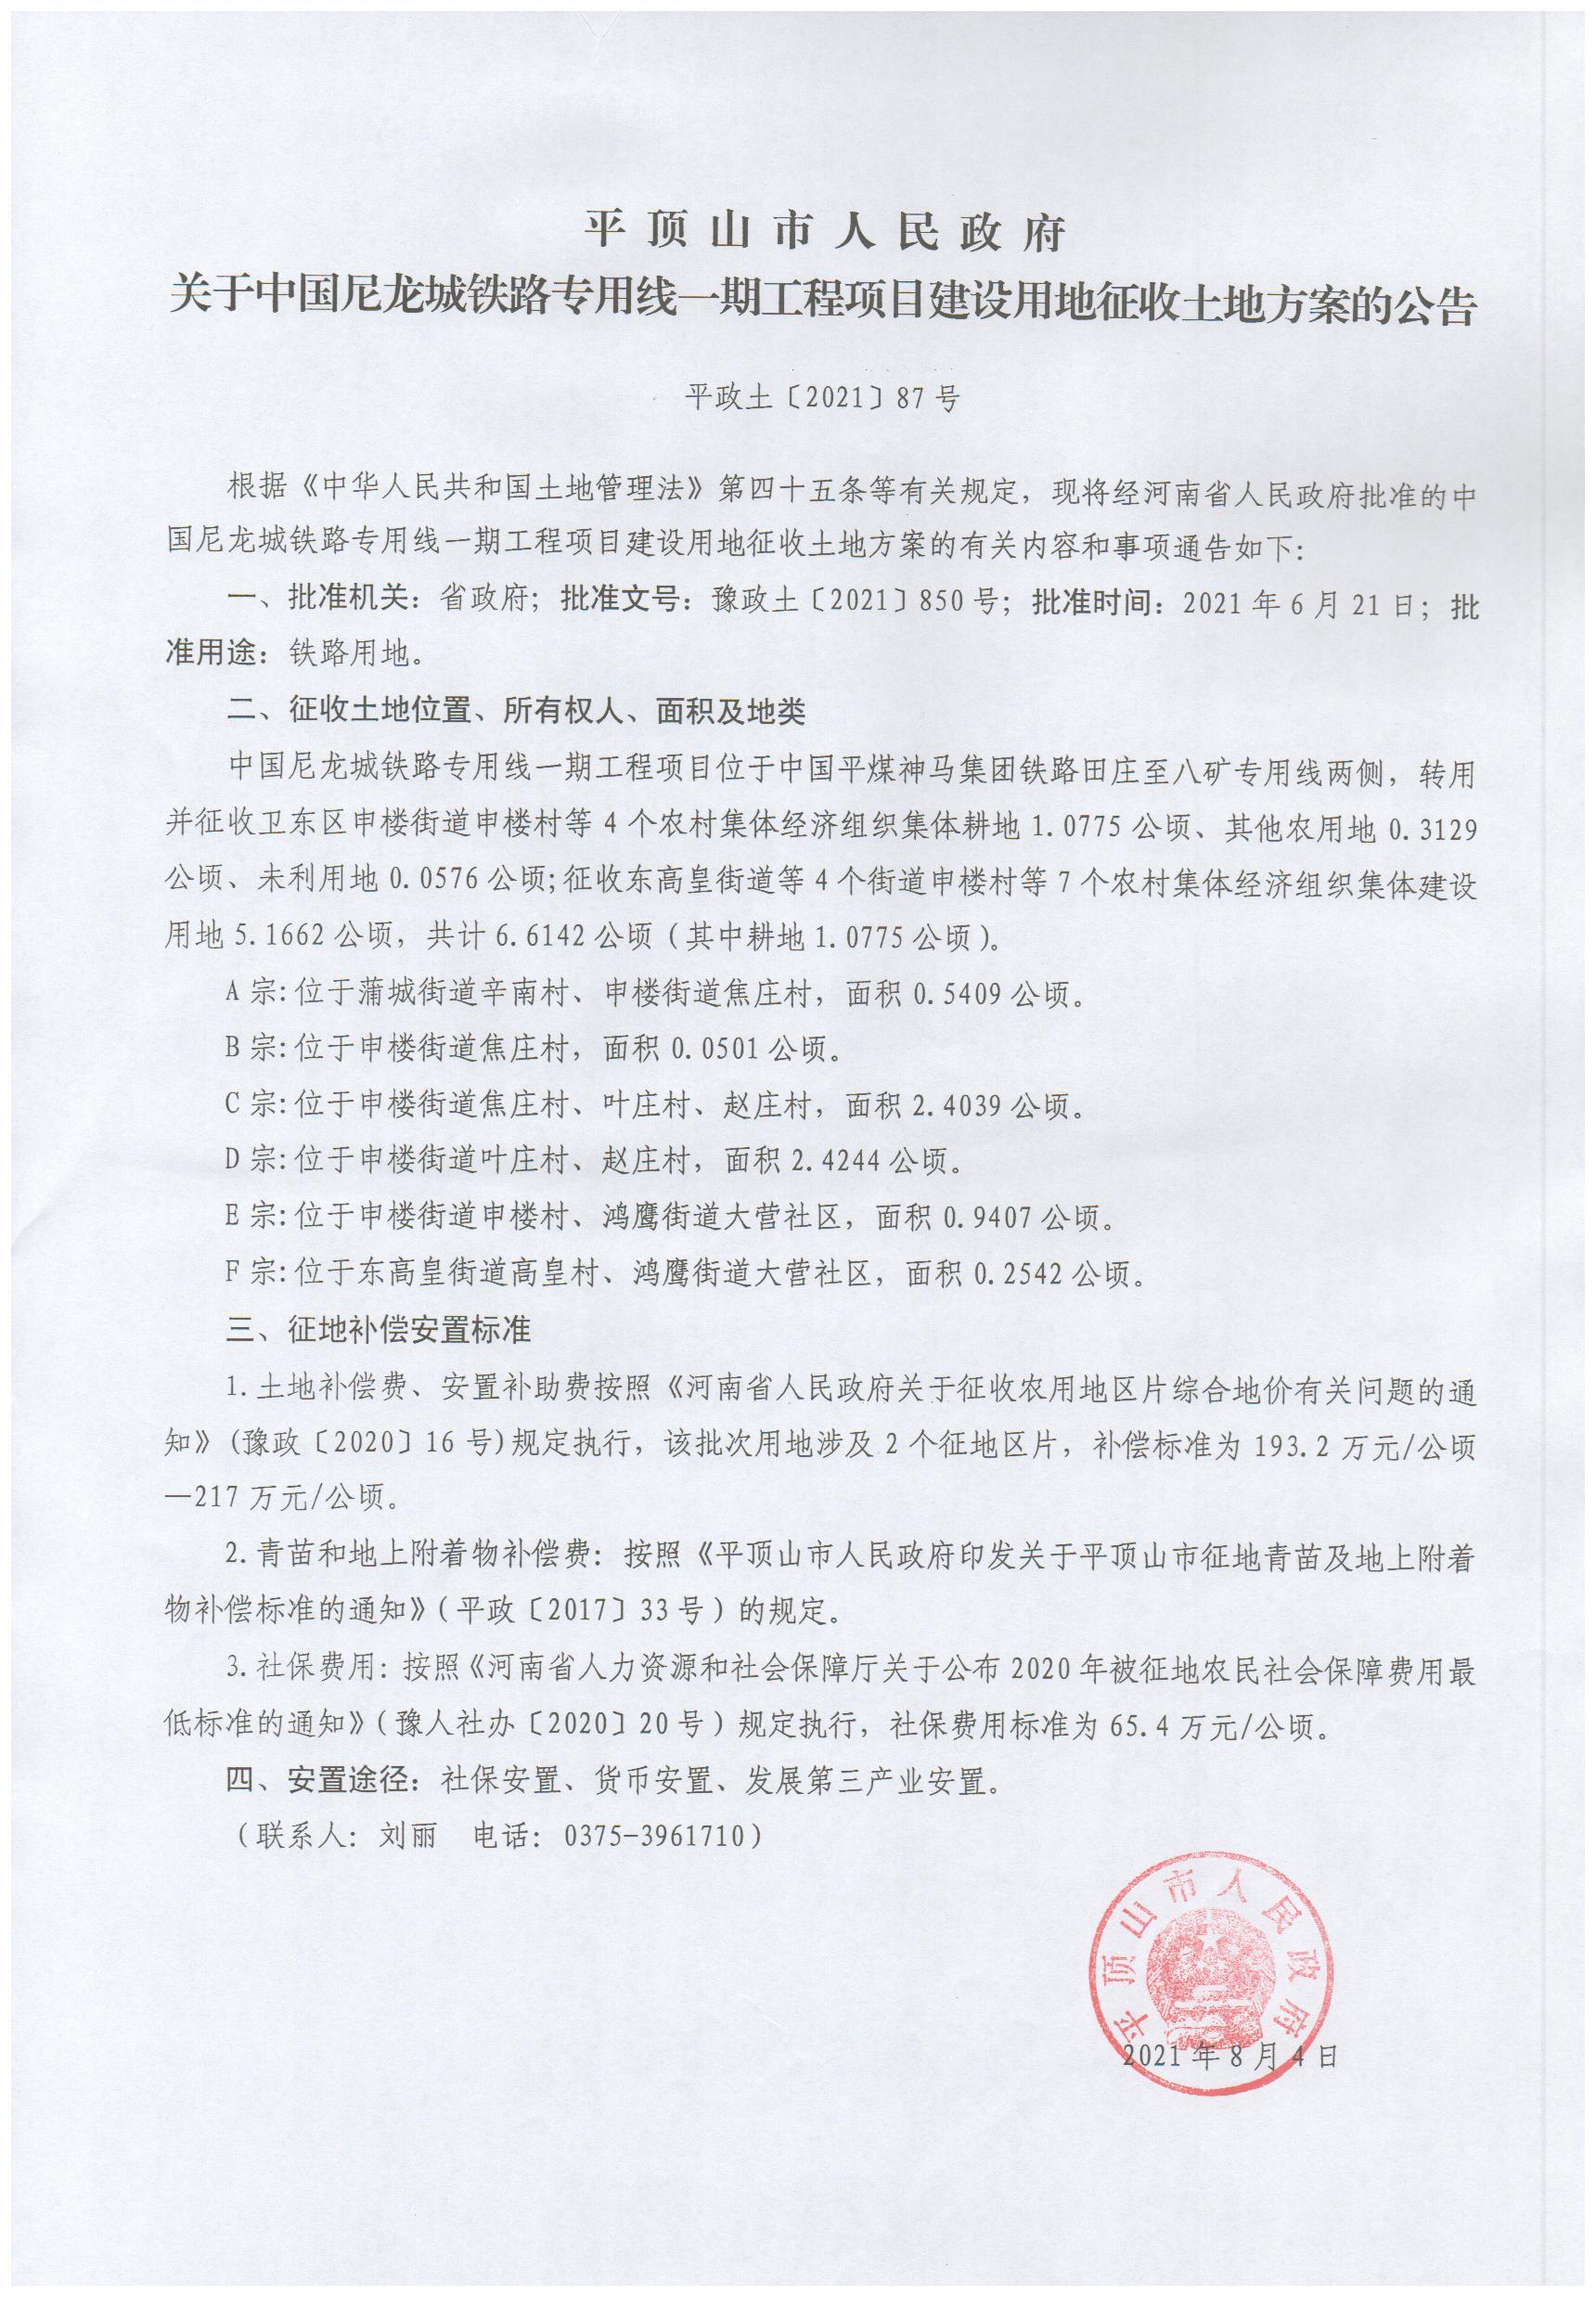 平顶山市人民政府关于中国尼龙城铁路专用线一期工程项目建设用地征收土地方案的公告.jpg